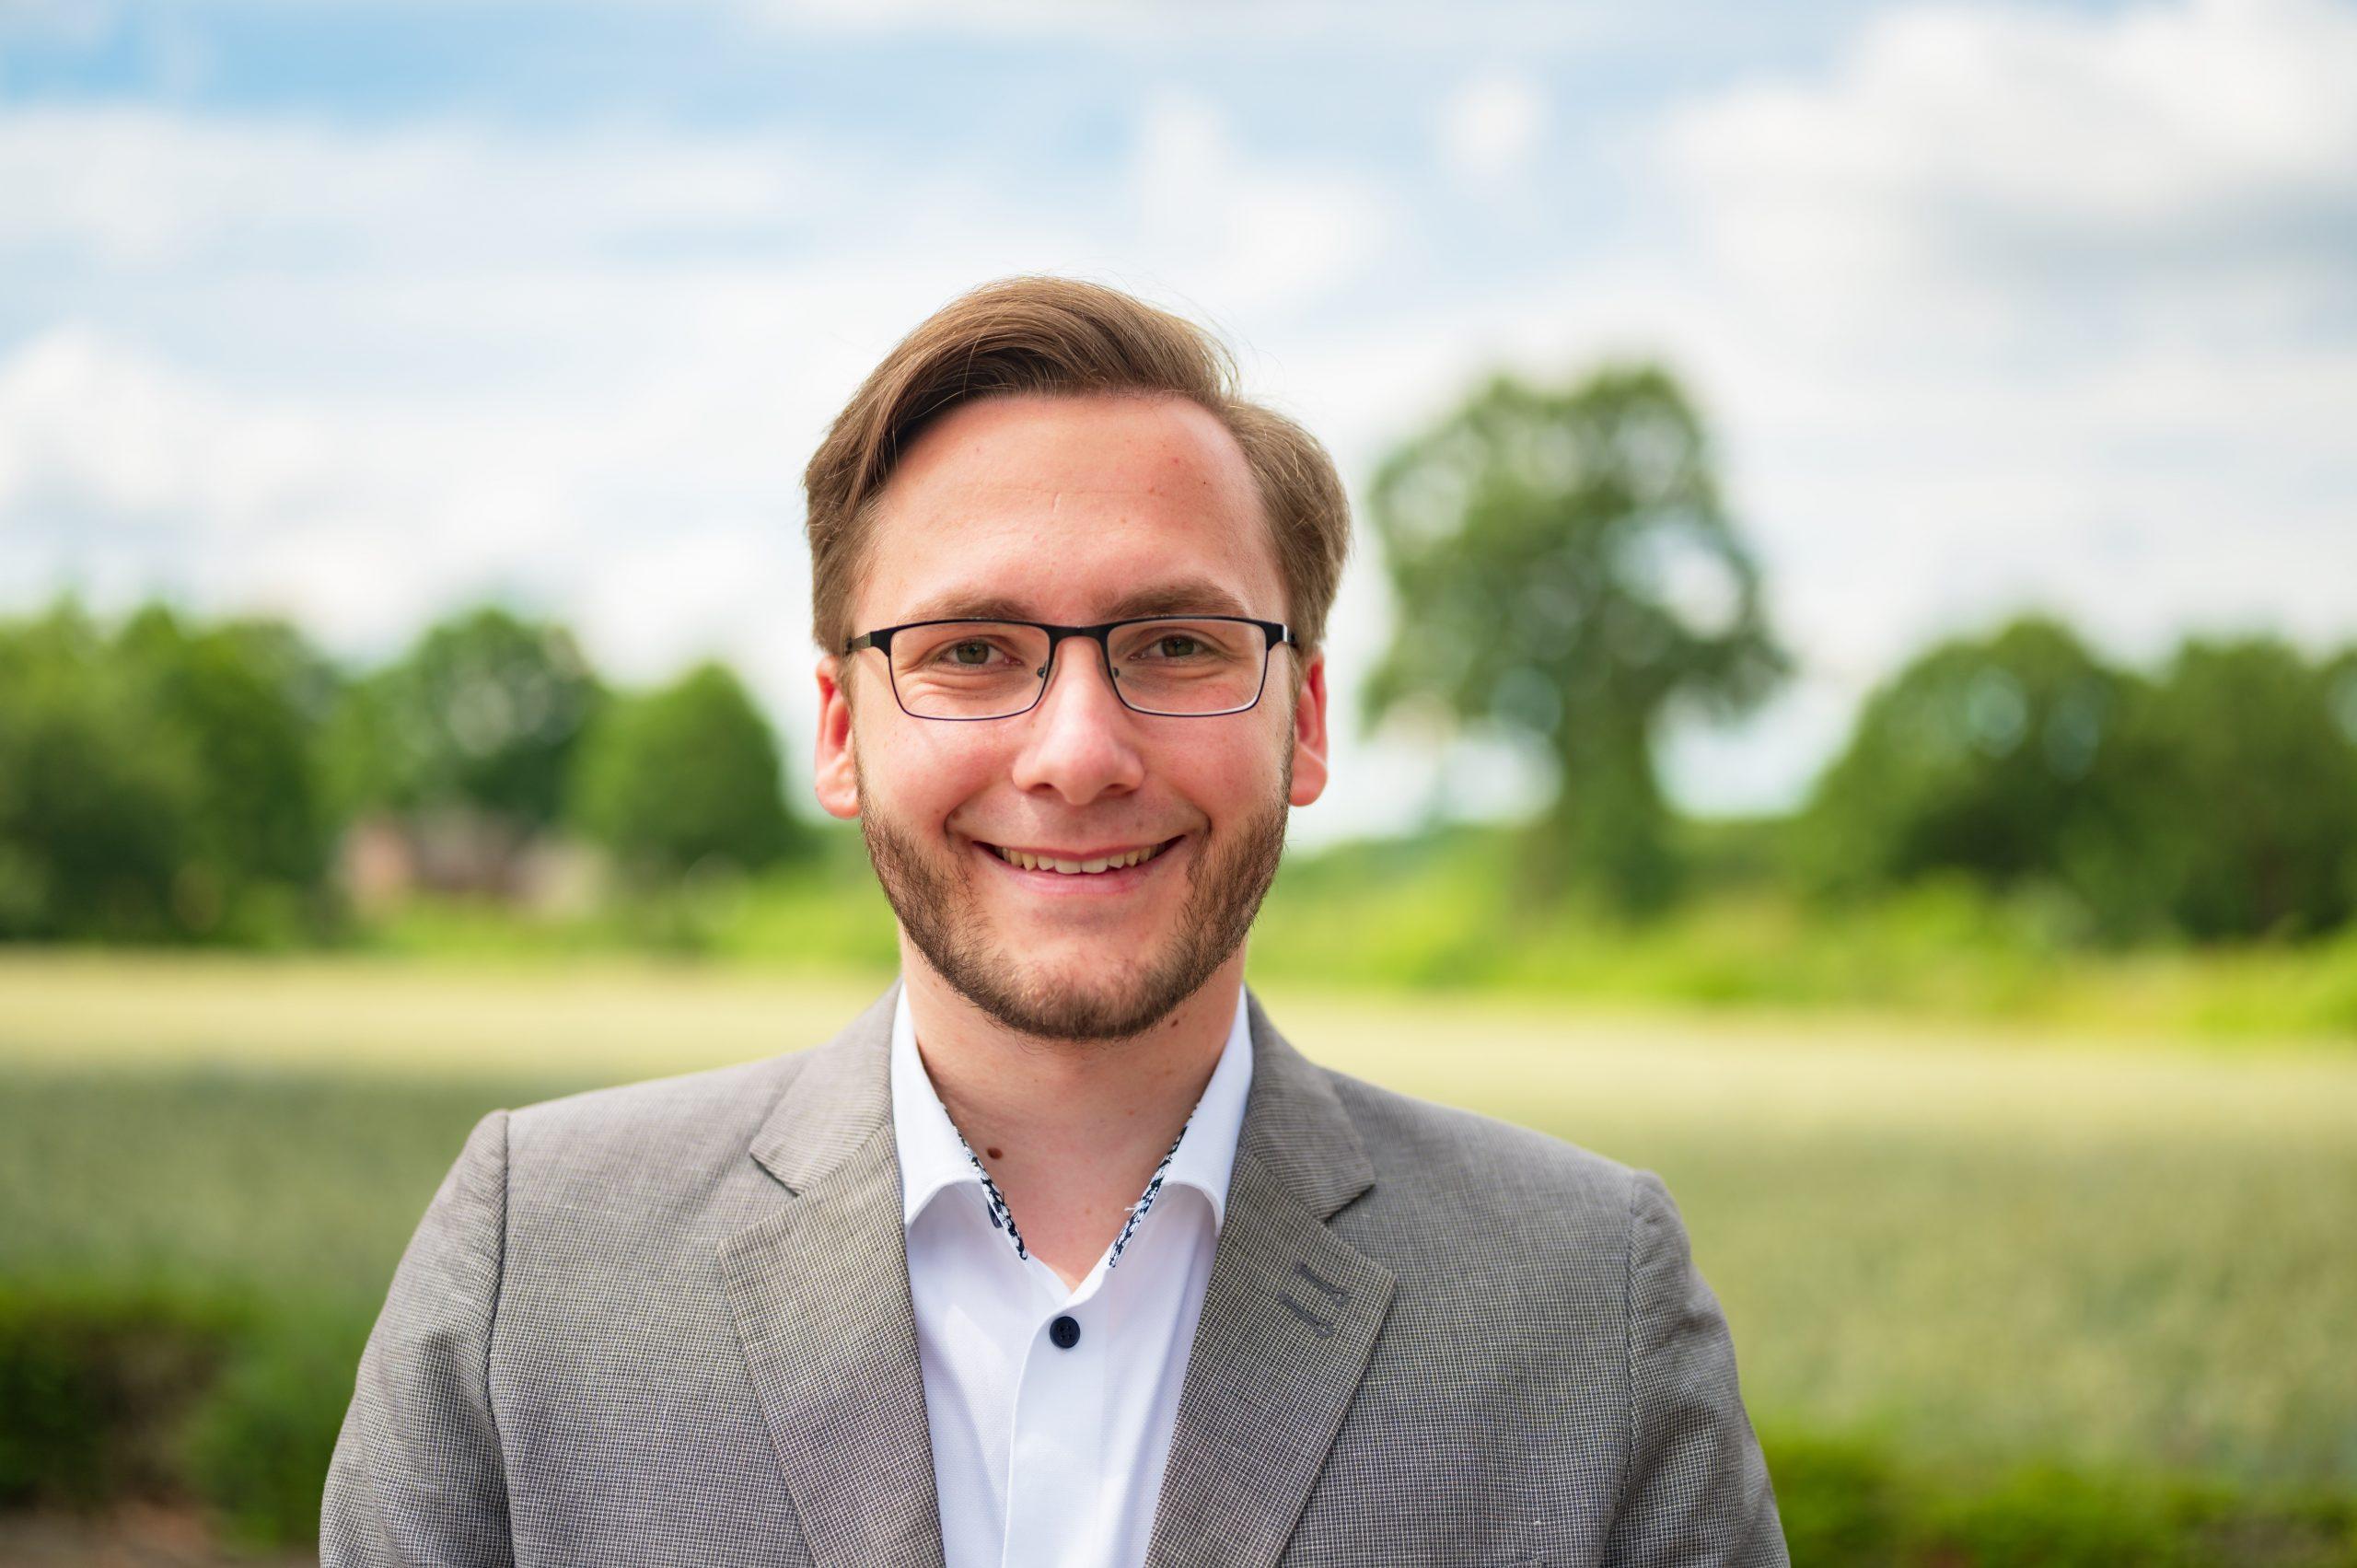 Benedikt Lechtenberg, Vorsitzender des Schul- und Jugendausschusses der Gemeinde Hünxe